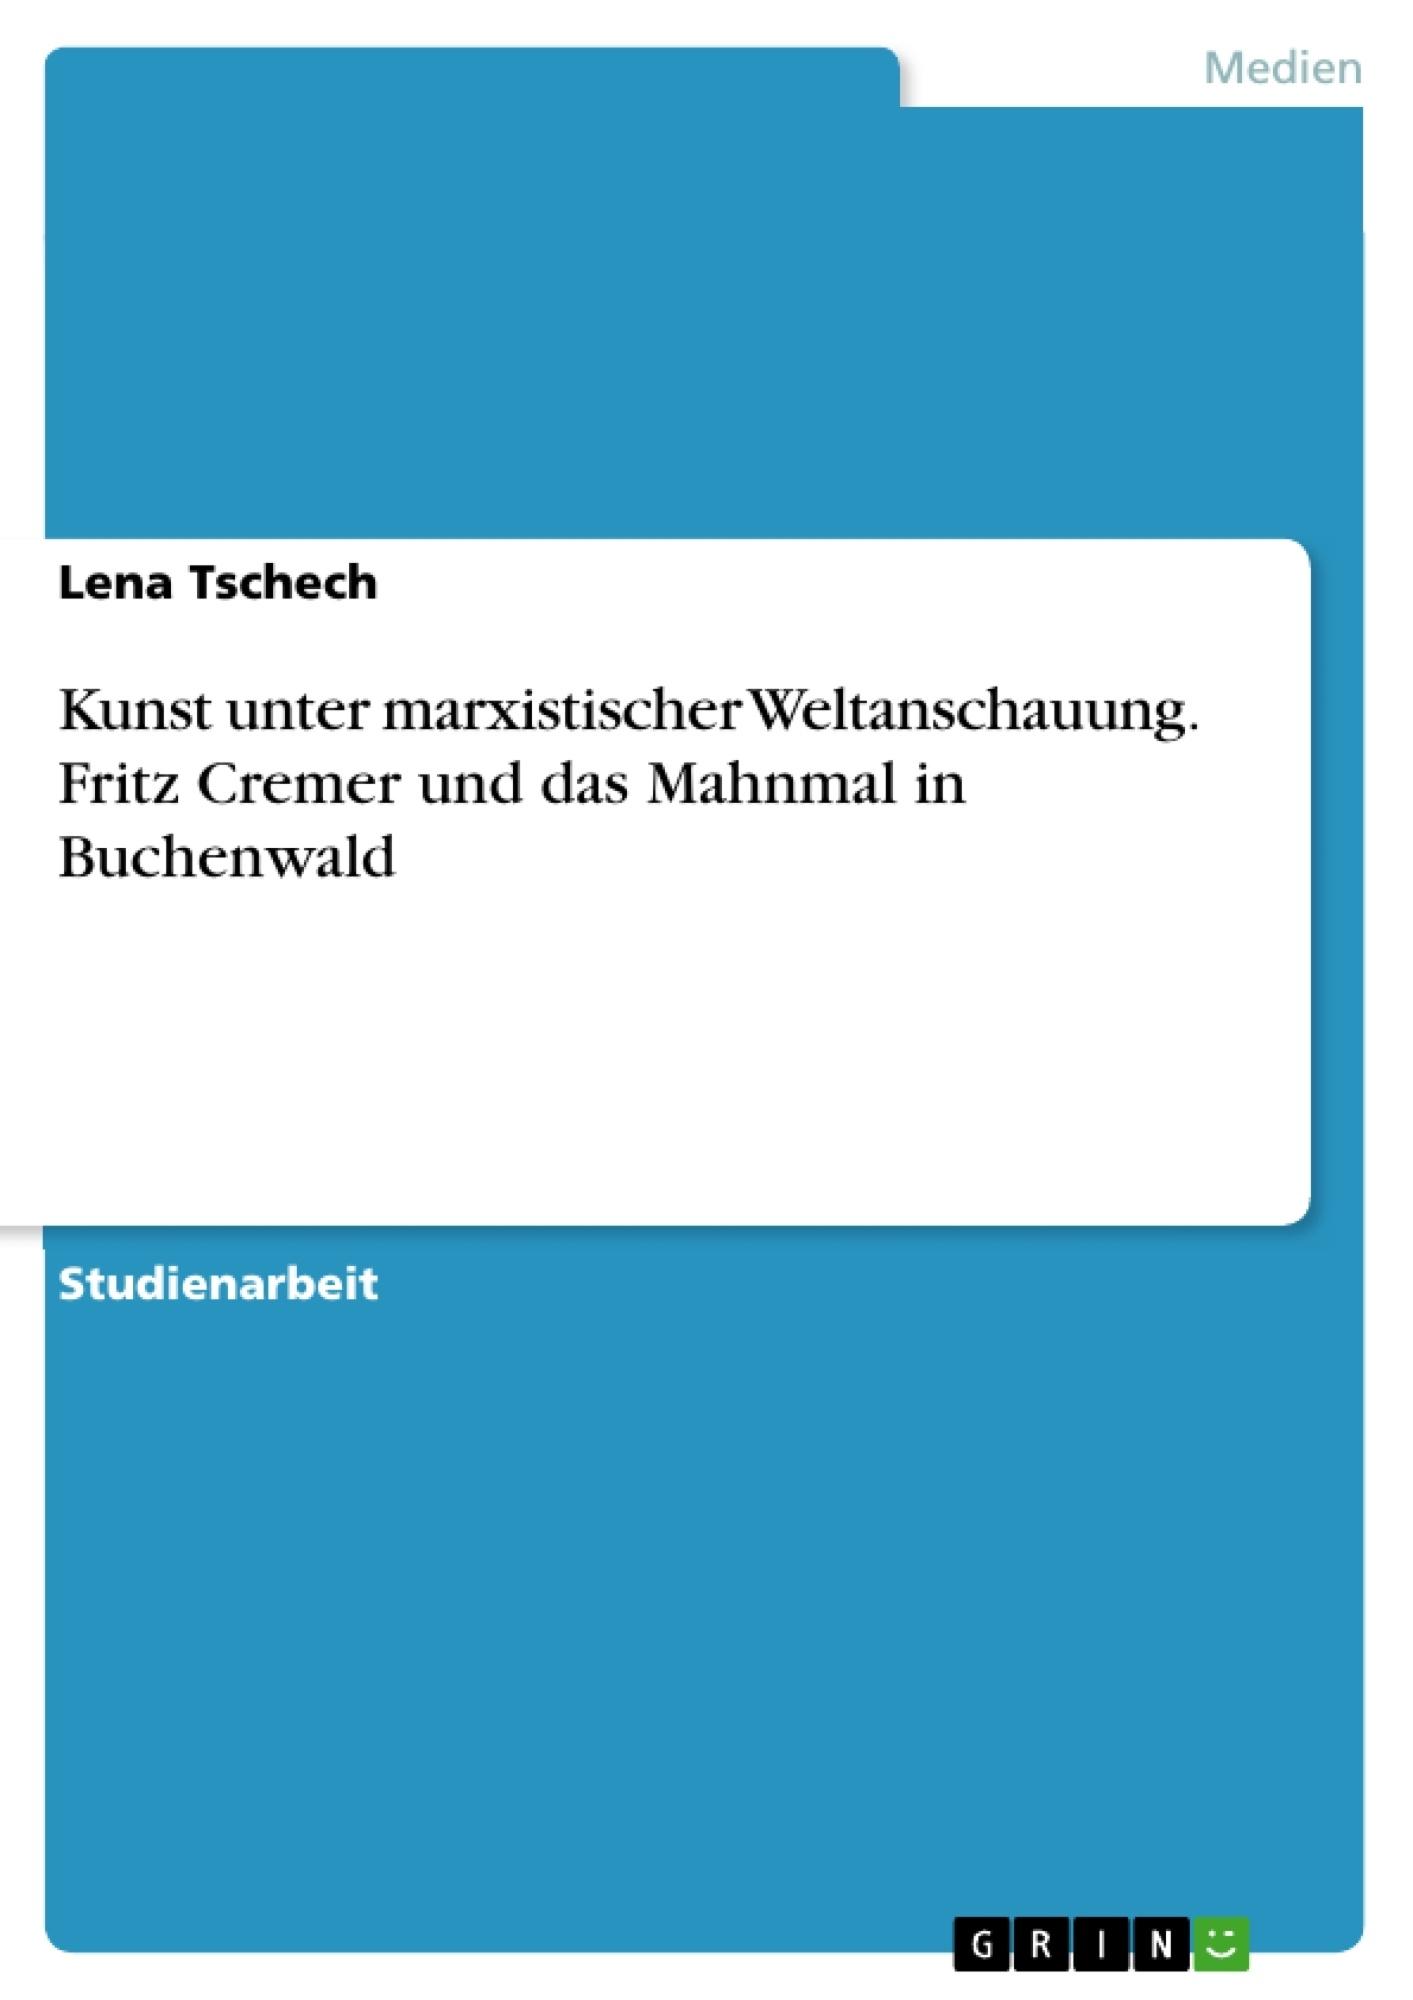 Titel: Kunst unter marxistischer Weltanschauung. Fritz Cremer und das Mahnmal in Buchenwald